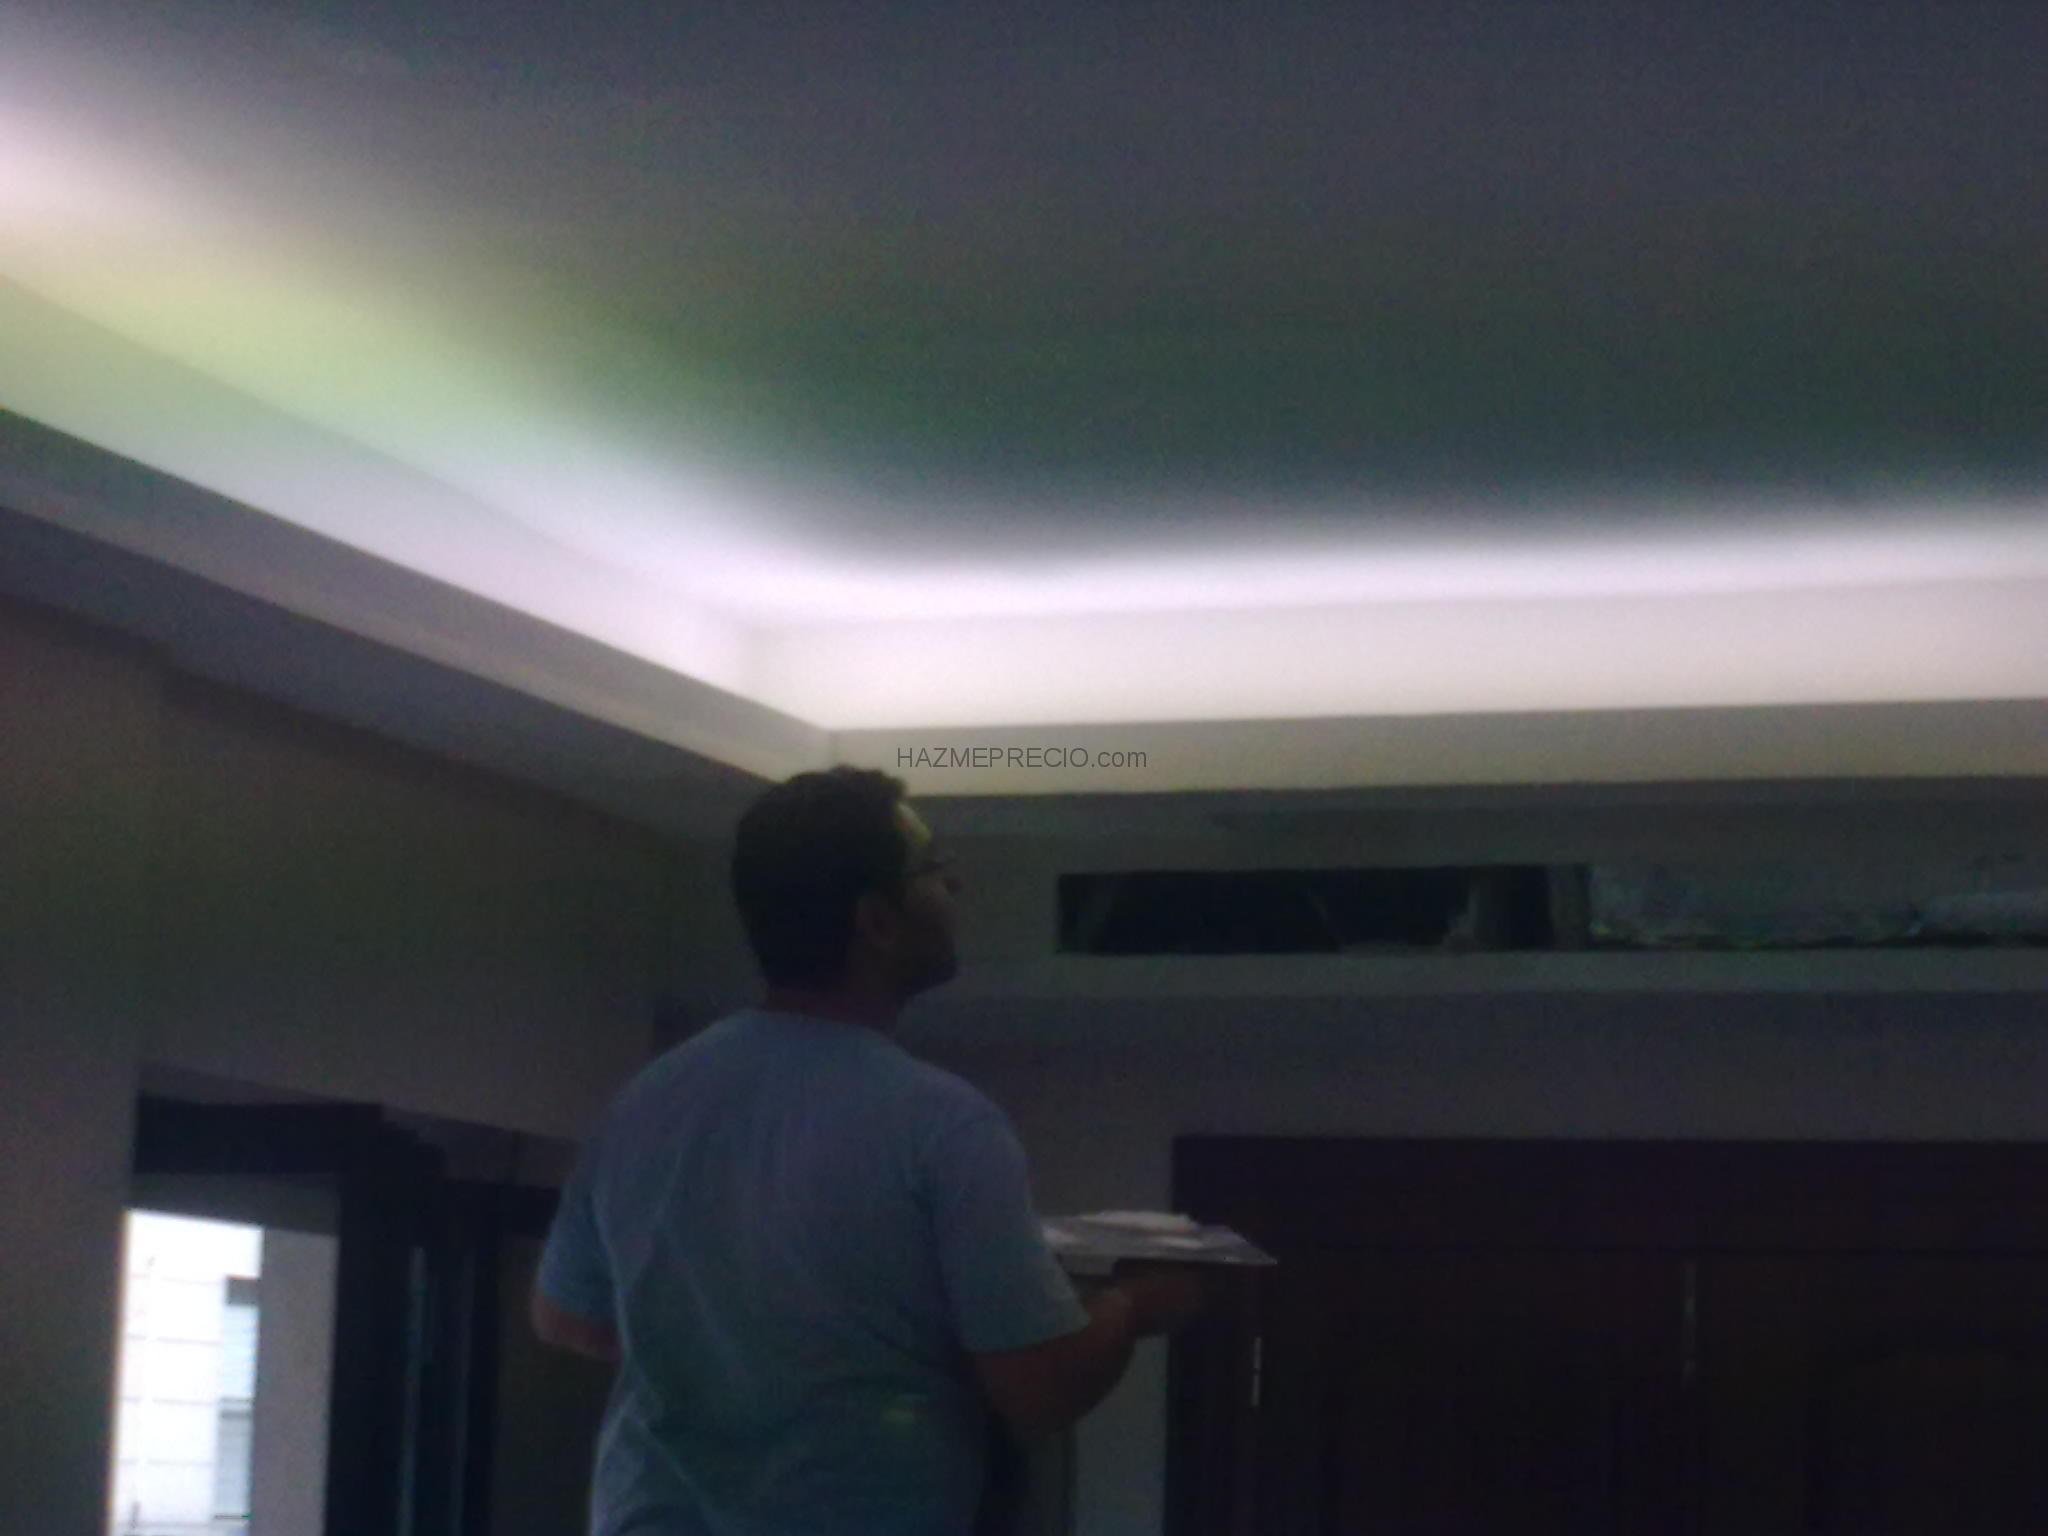 Presupuesto para techos de escayola o pladur fuenlabrada - Poner techo de pladur ...